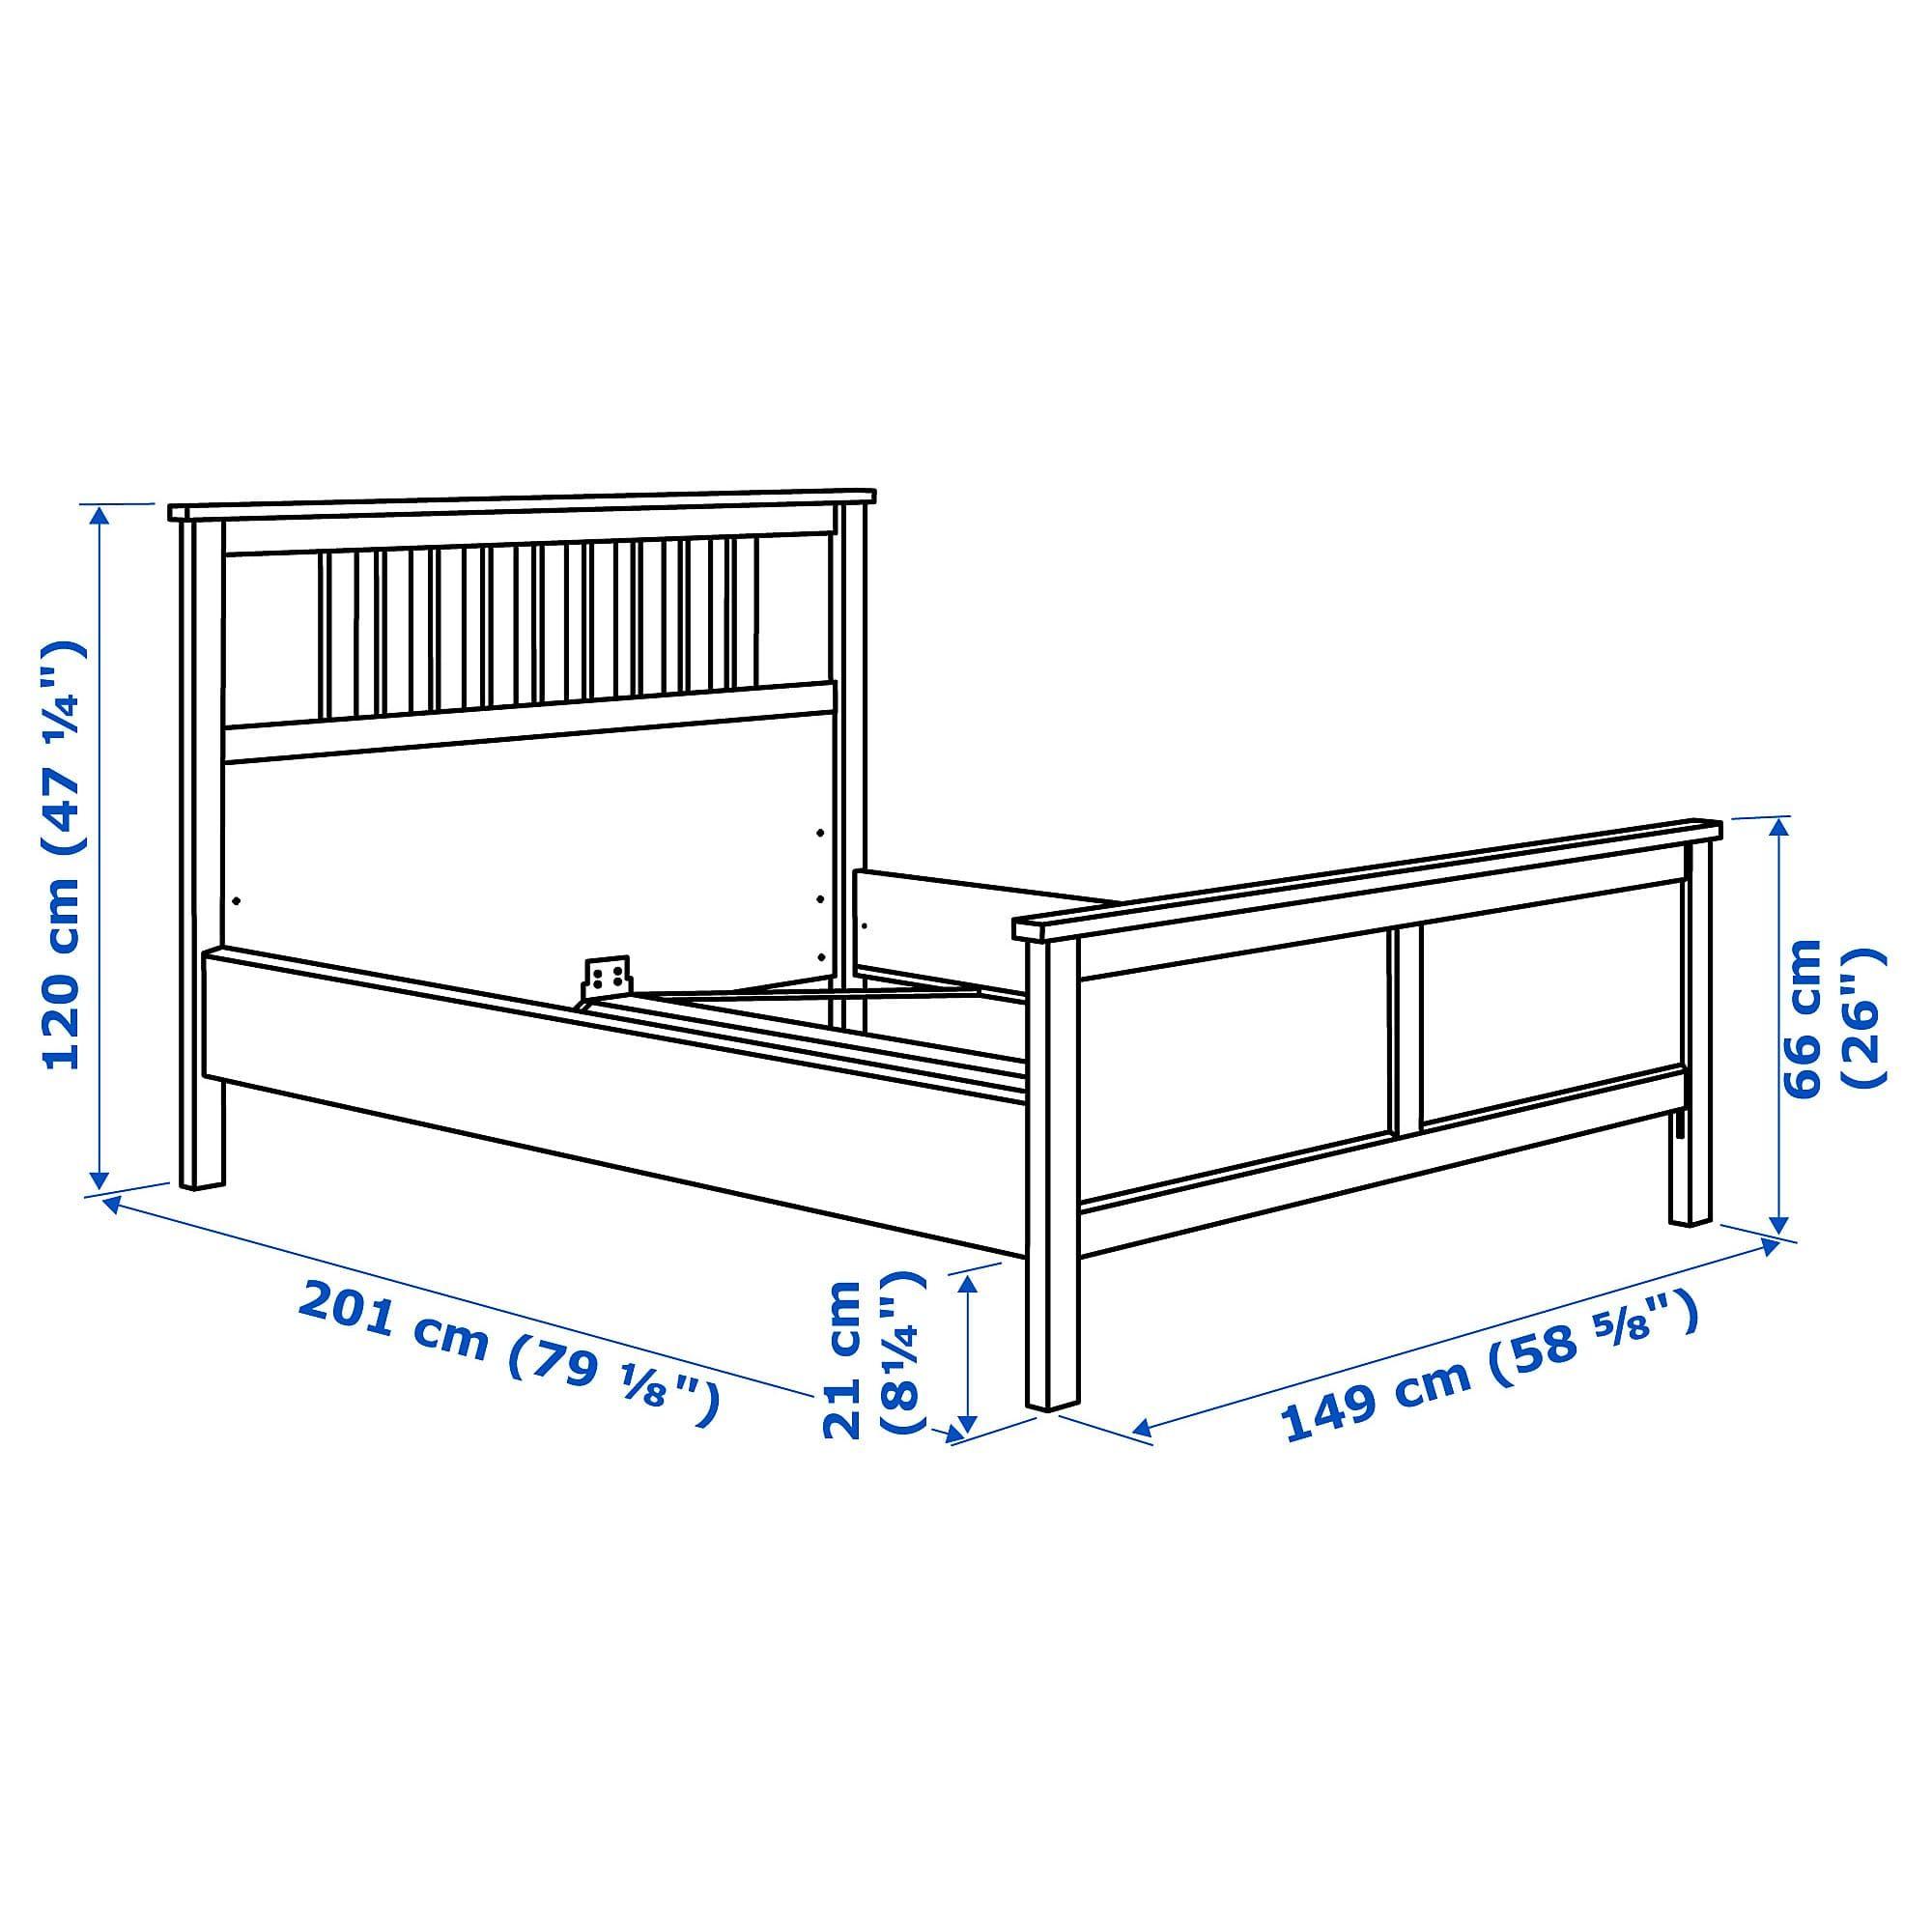 Stanhope Adjustable Base Full Adjustable Bed